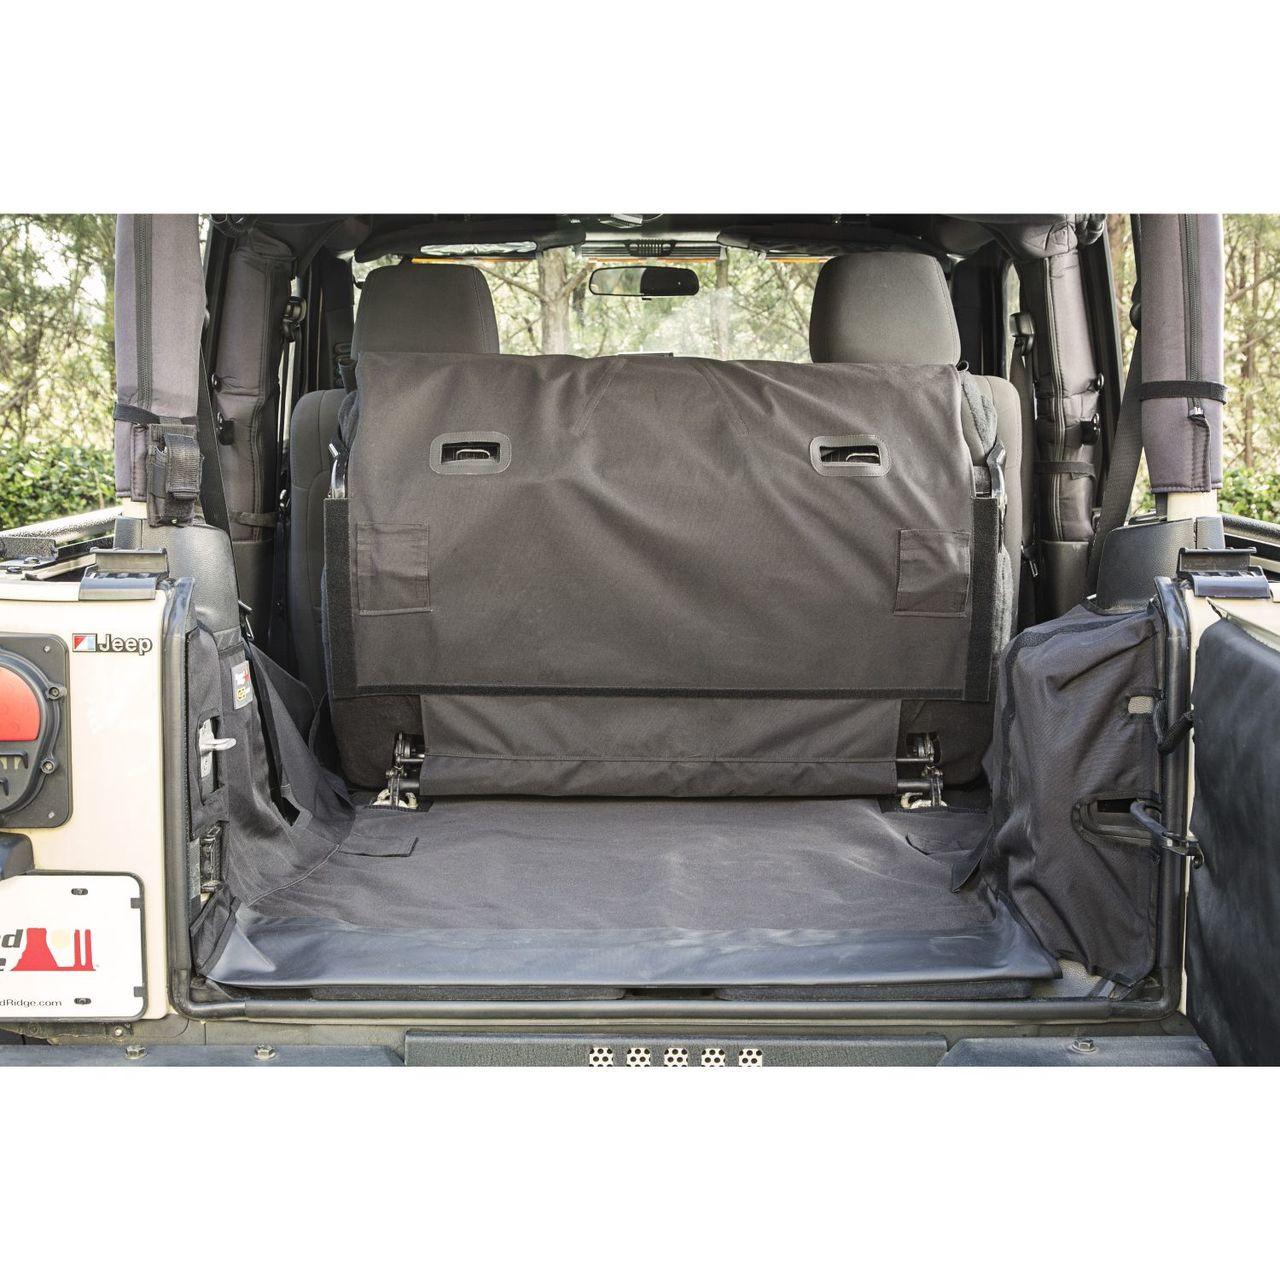 C3,2-Door w//Subwoofer; 07-14 Jeep Wrangler JK Rugged Ridge 13260.04 Cargo Cover